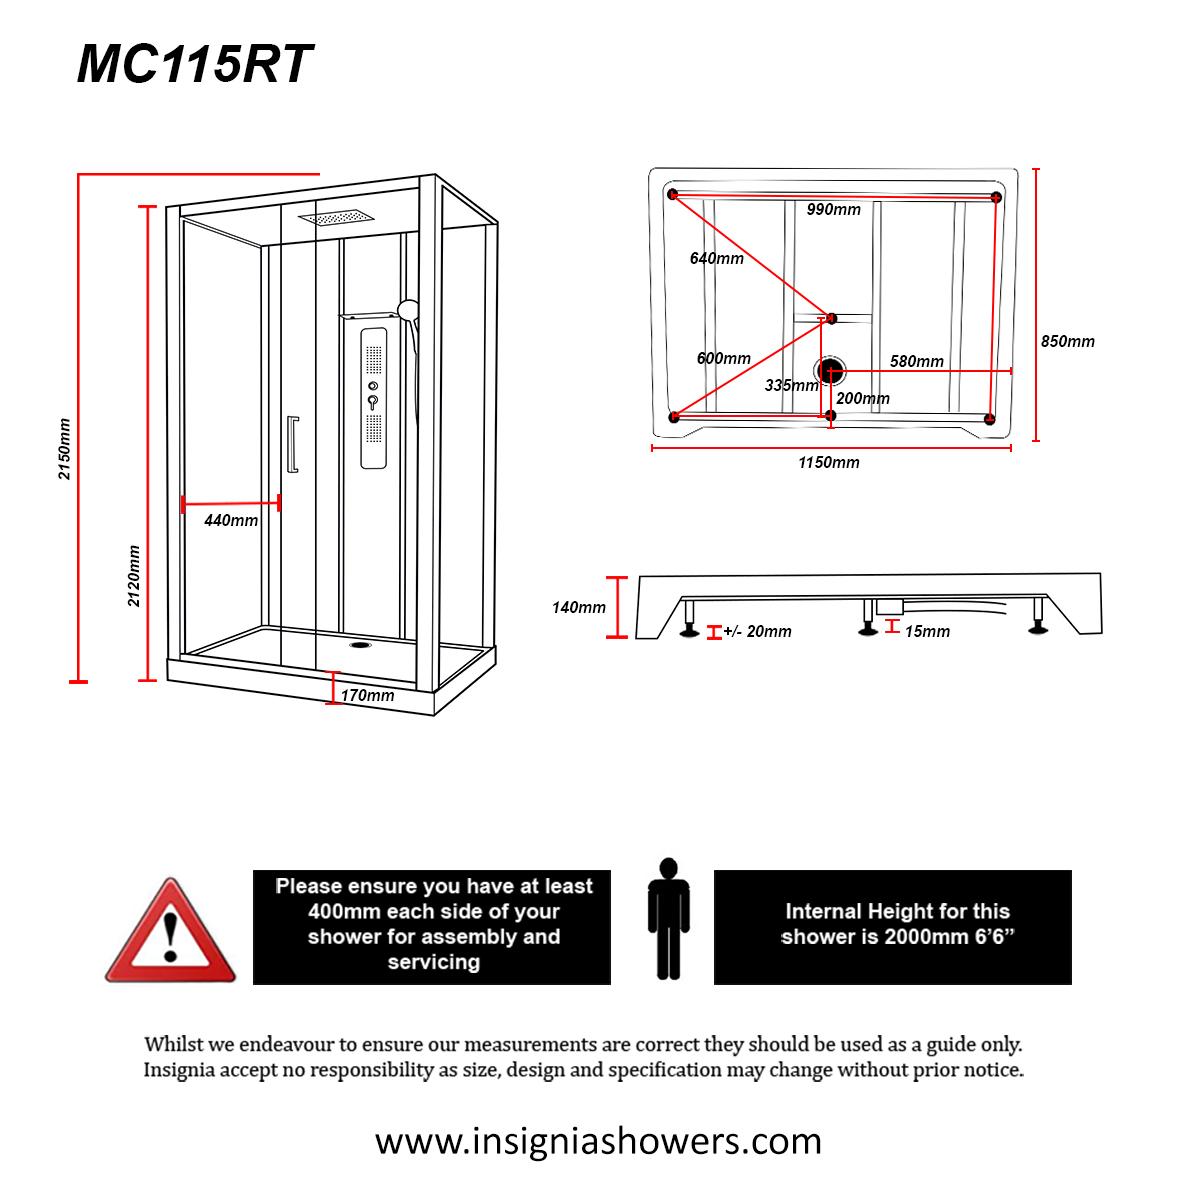 MC115RT